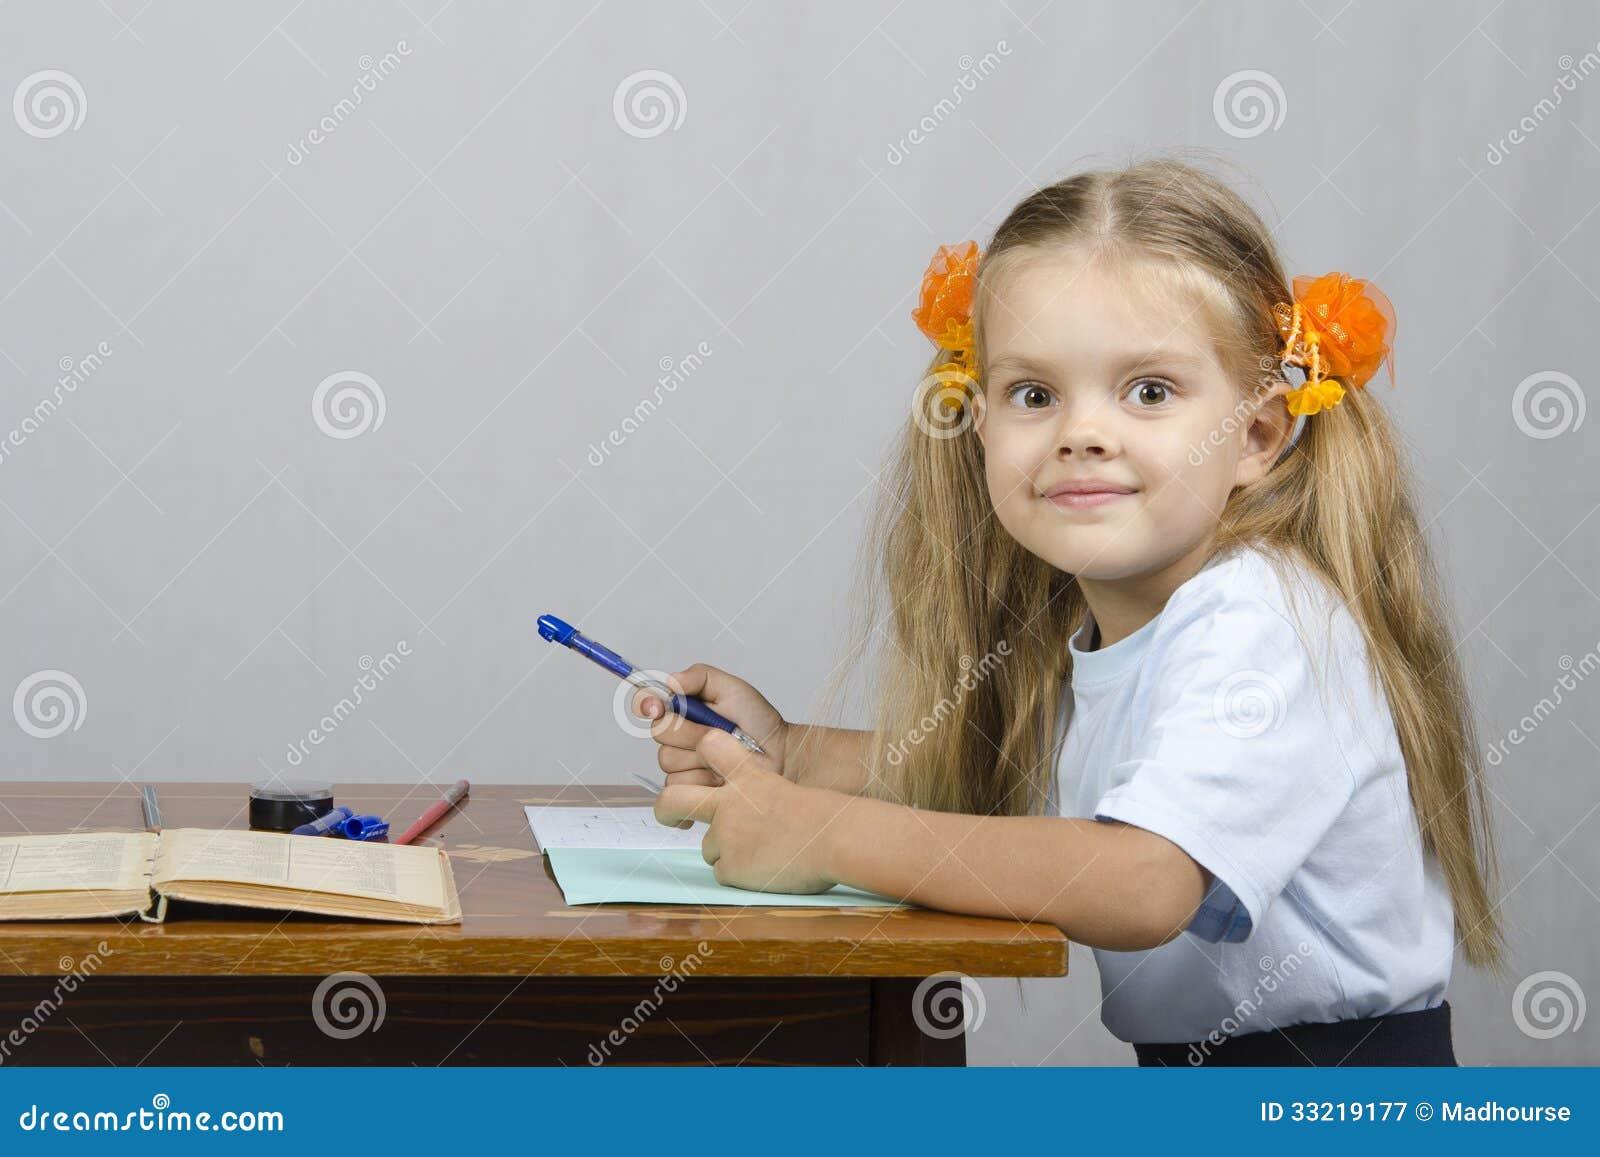 Фото маленькая девочка писает 19 фотография